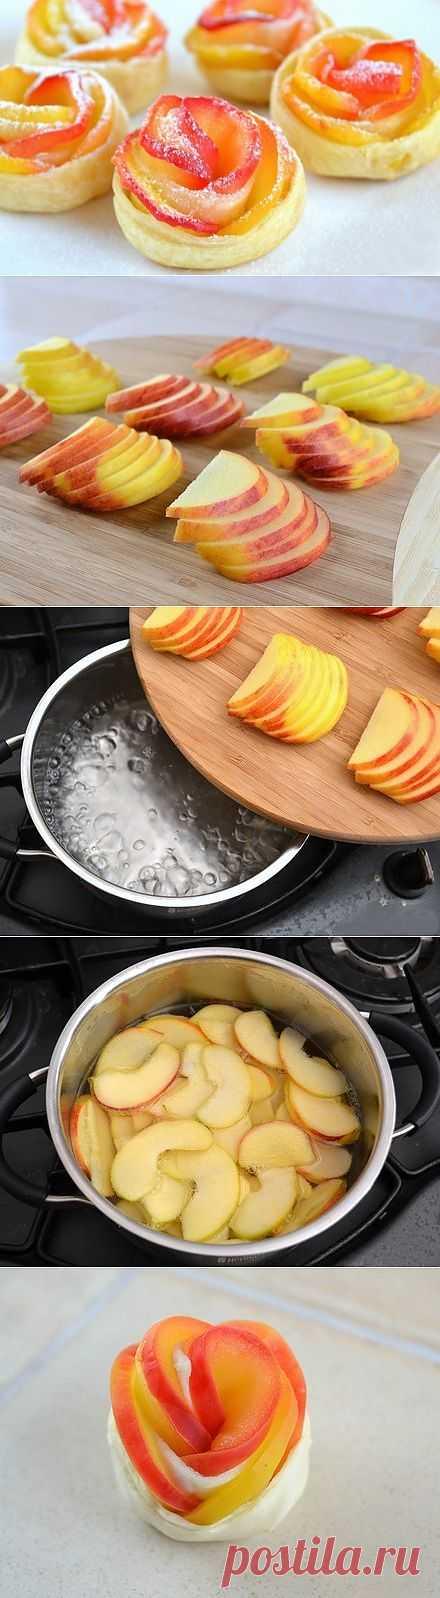 Яблочные «Розочки»